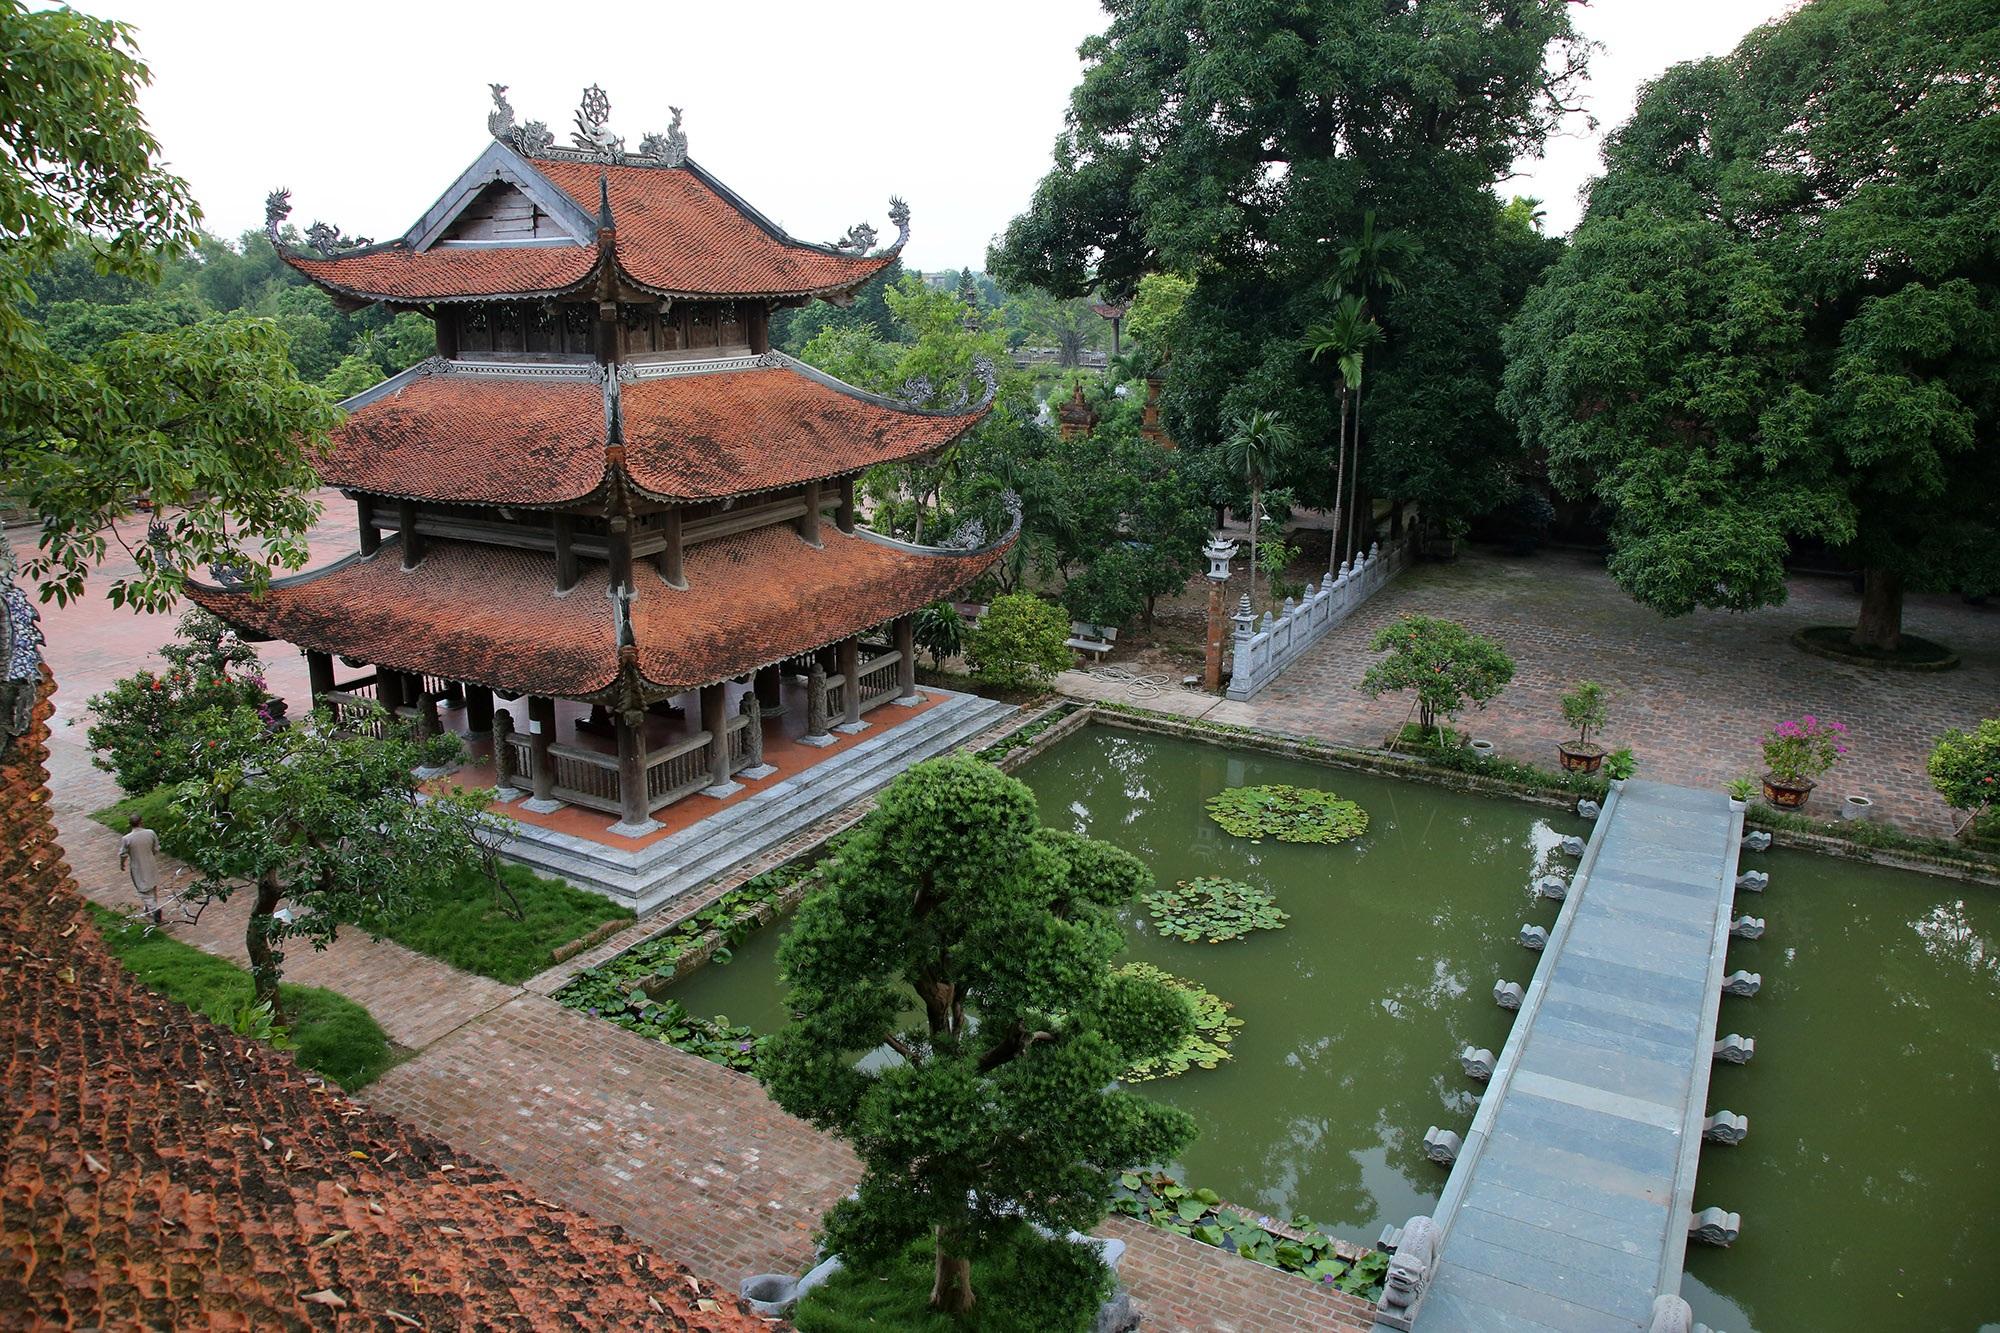 Phát hiện thêm một cổ trấn đẹp bình dị cách Hà Nội 30 km - 16